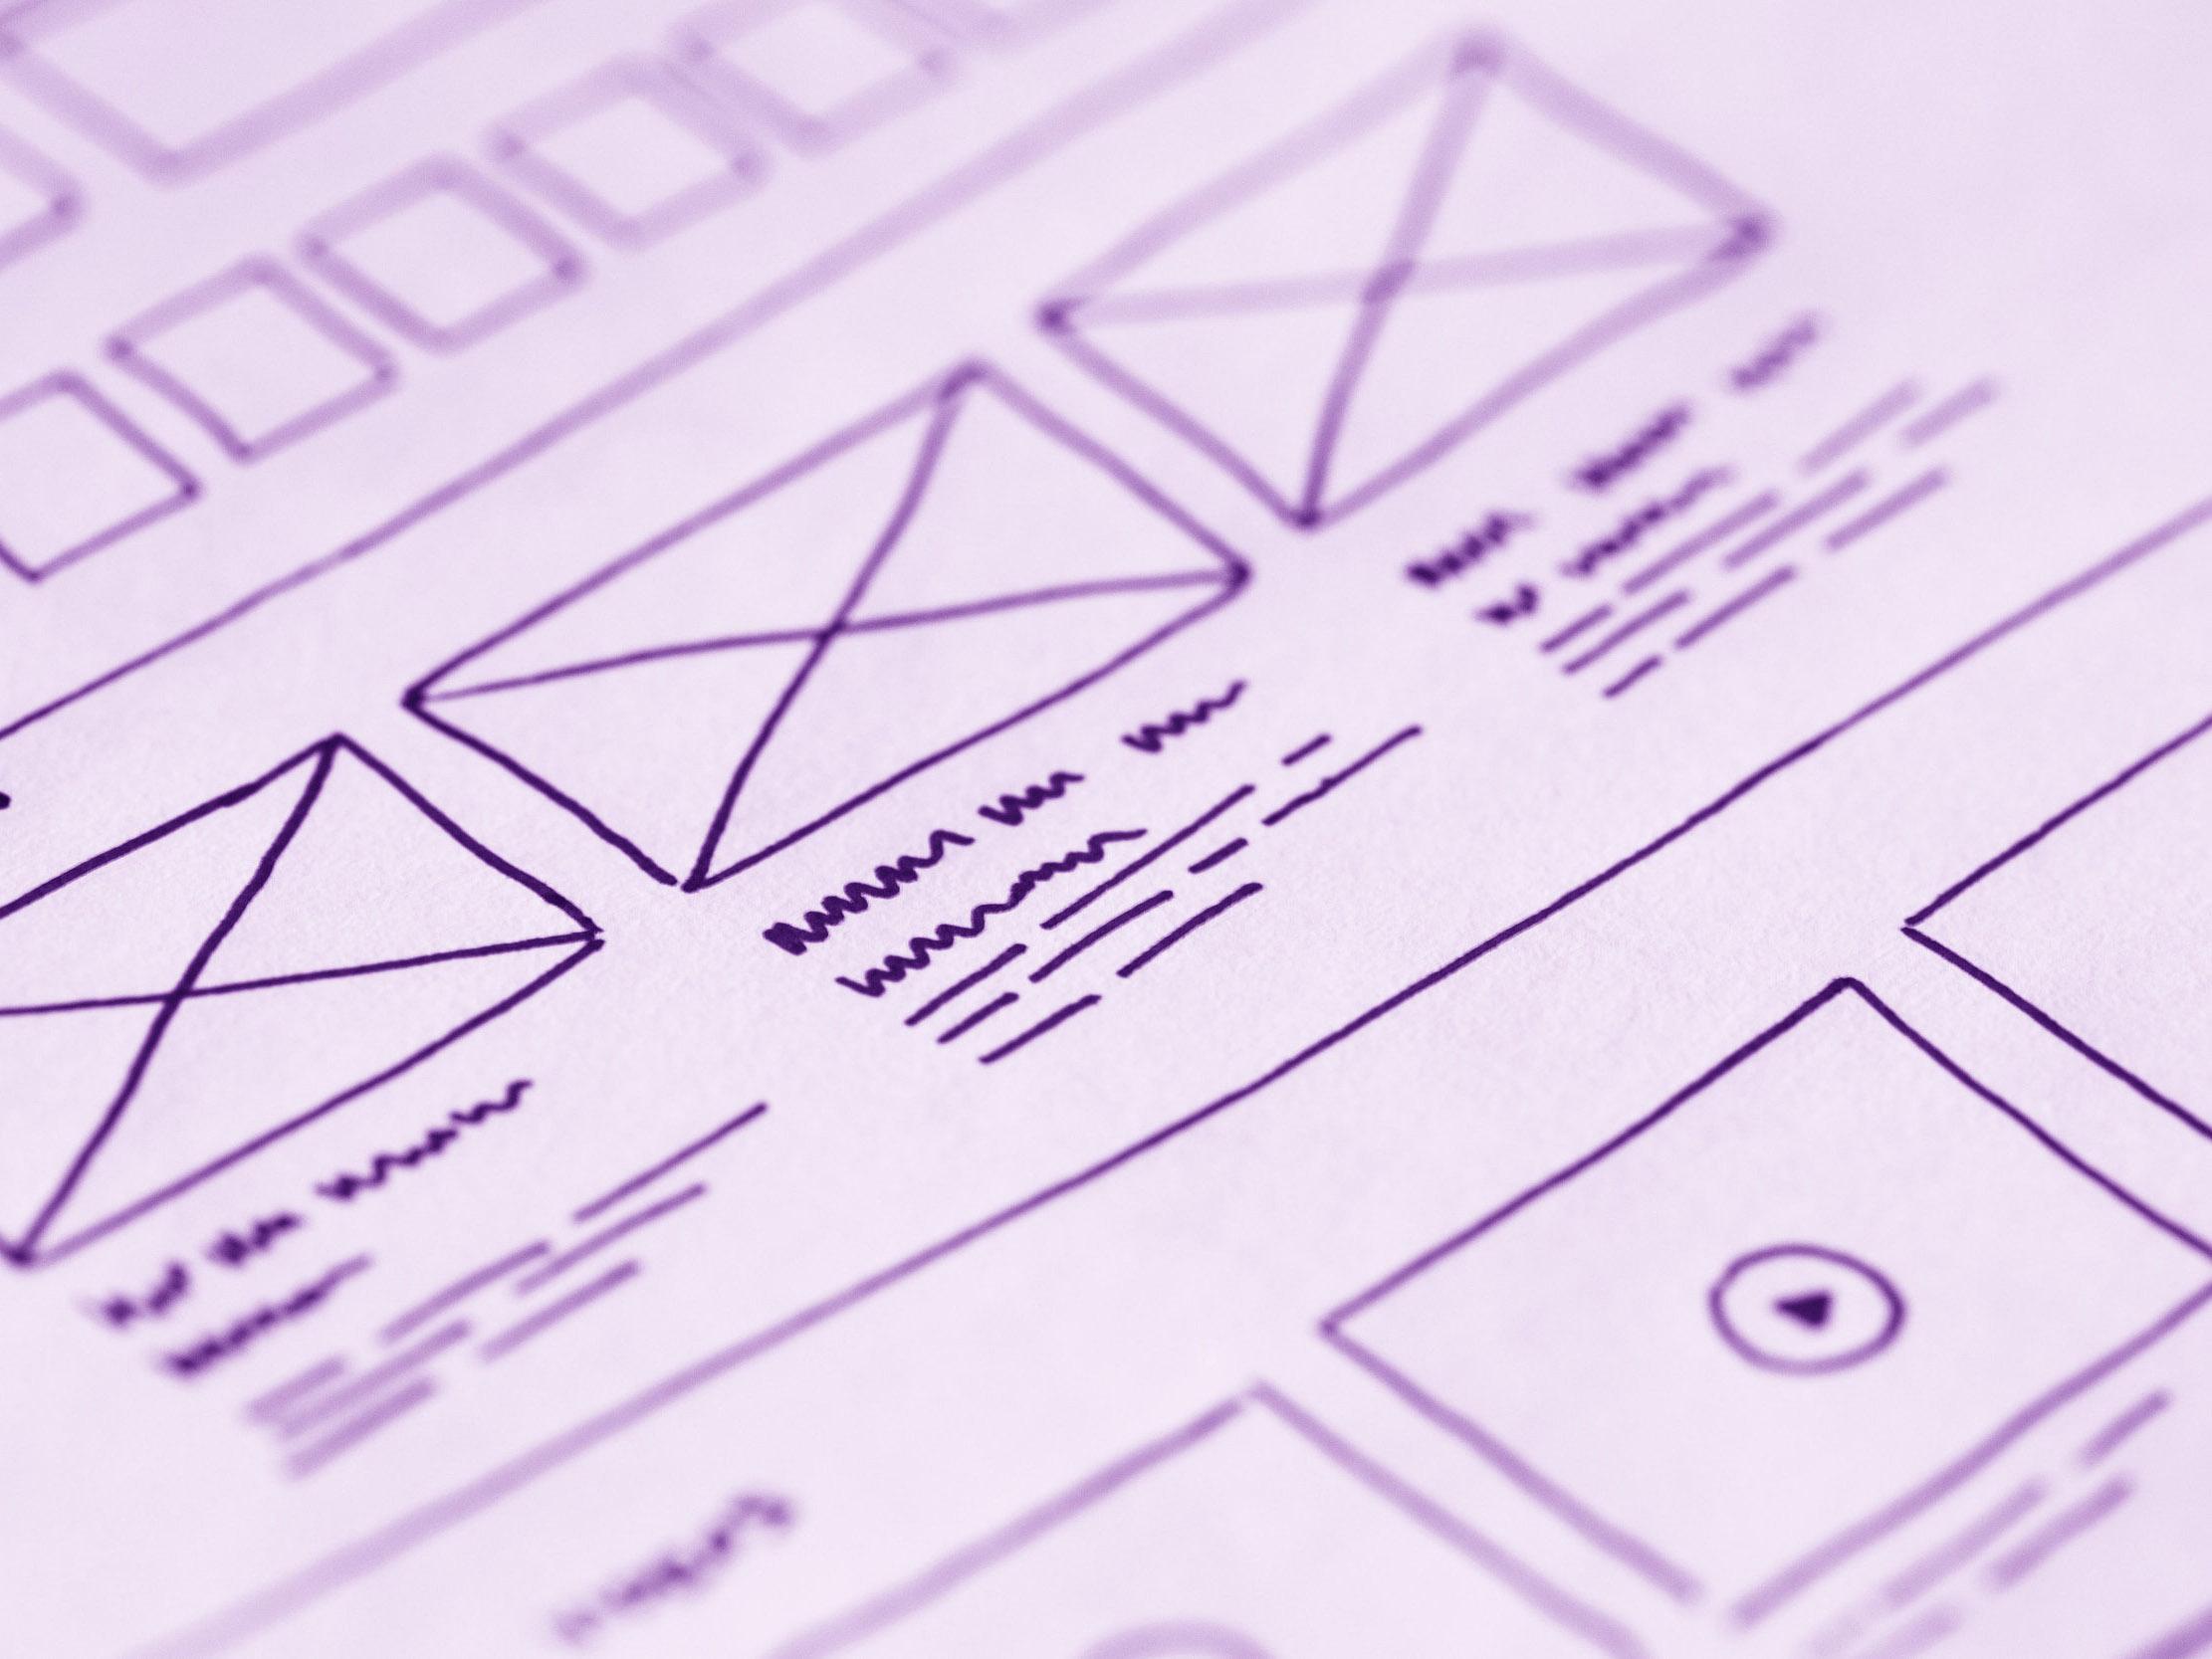 Diseño Creativo - Diseñamos sitios web desde el punto de vista del visitante, utilizando una técnica llamada User Experience Design (UXD). El resultado es un sitio web que reúne forma y función para atraer a los visitantes del sitio web.